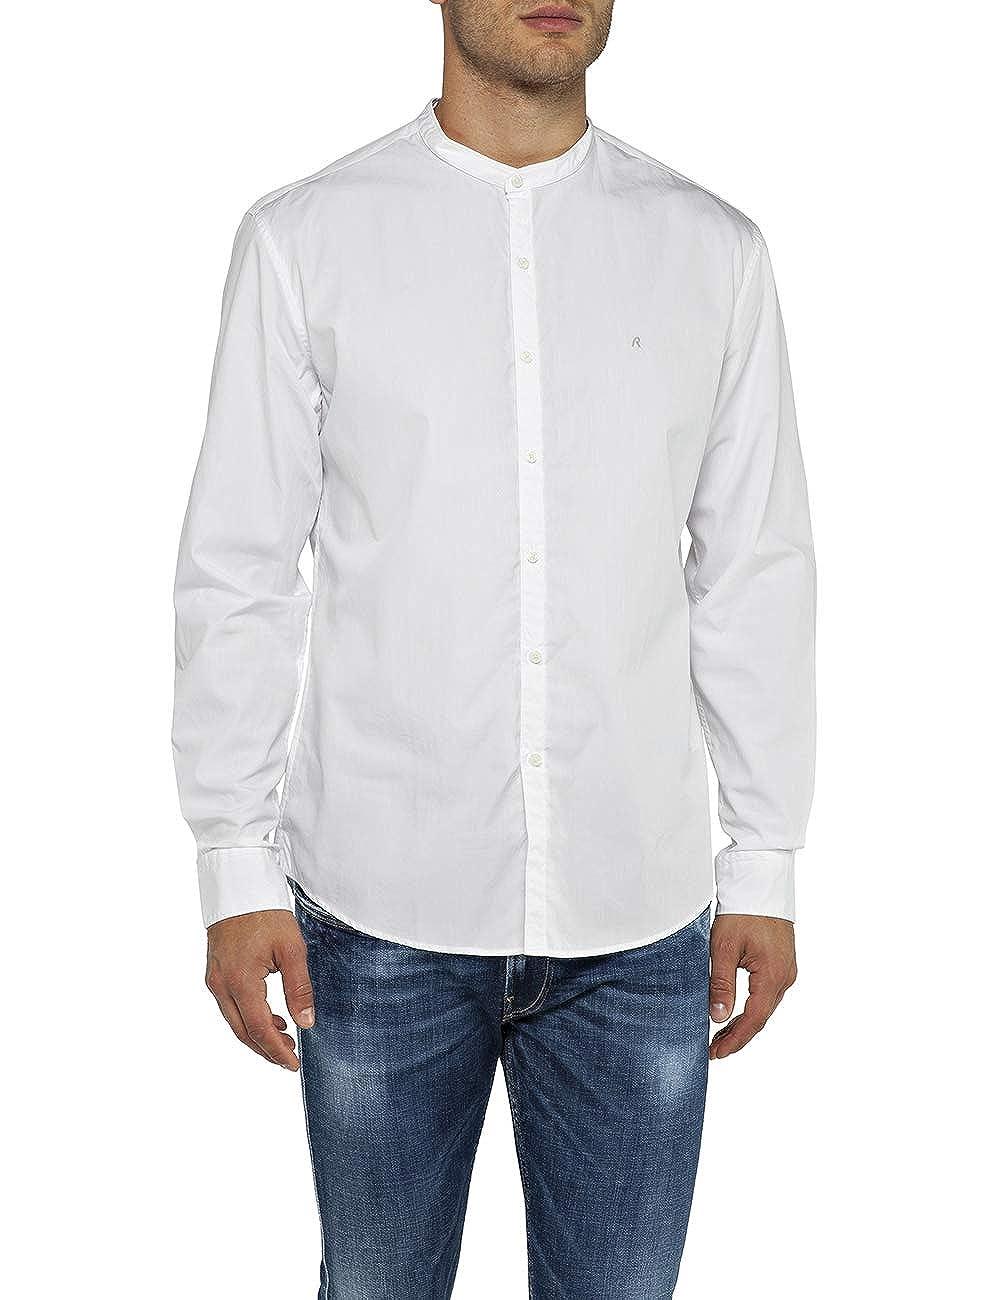 Blanc (blanc 1) 3XL Replay Chemise Décontracté Homme